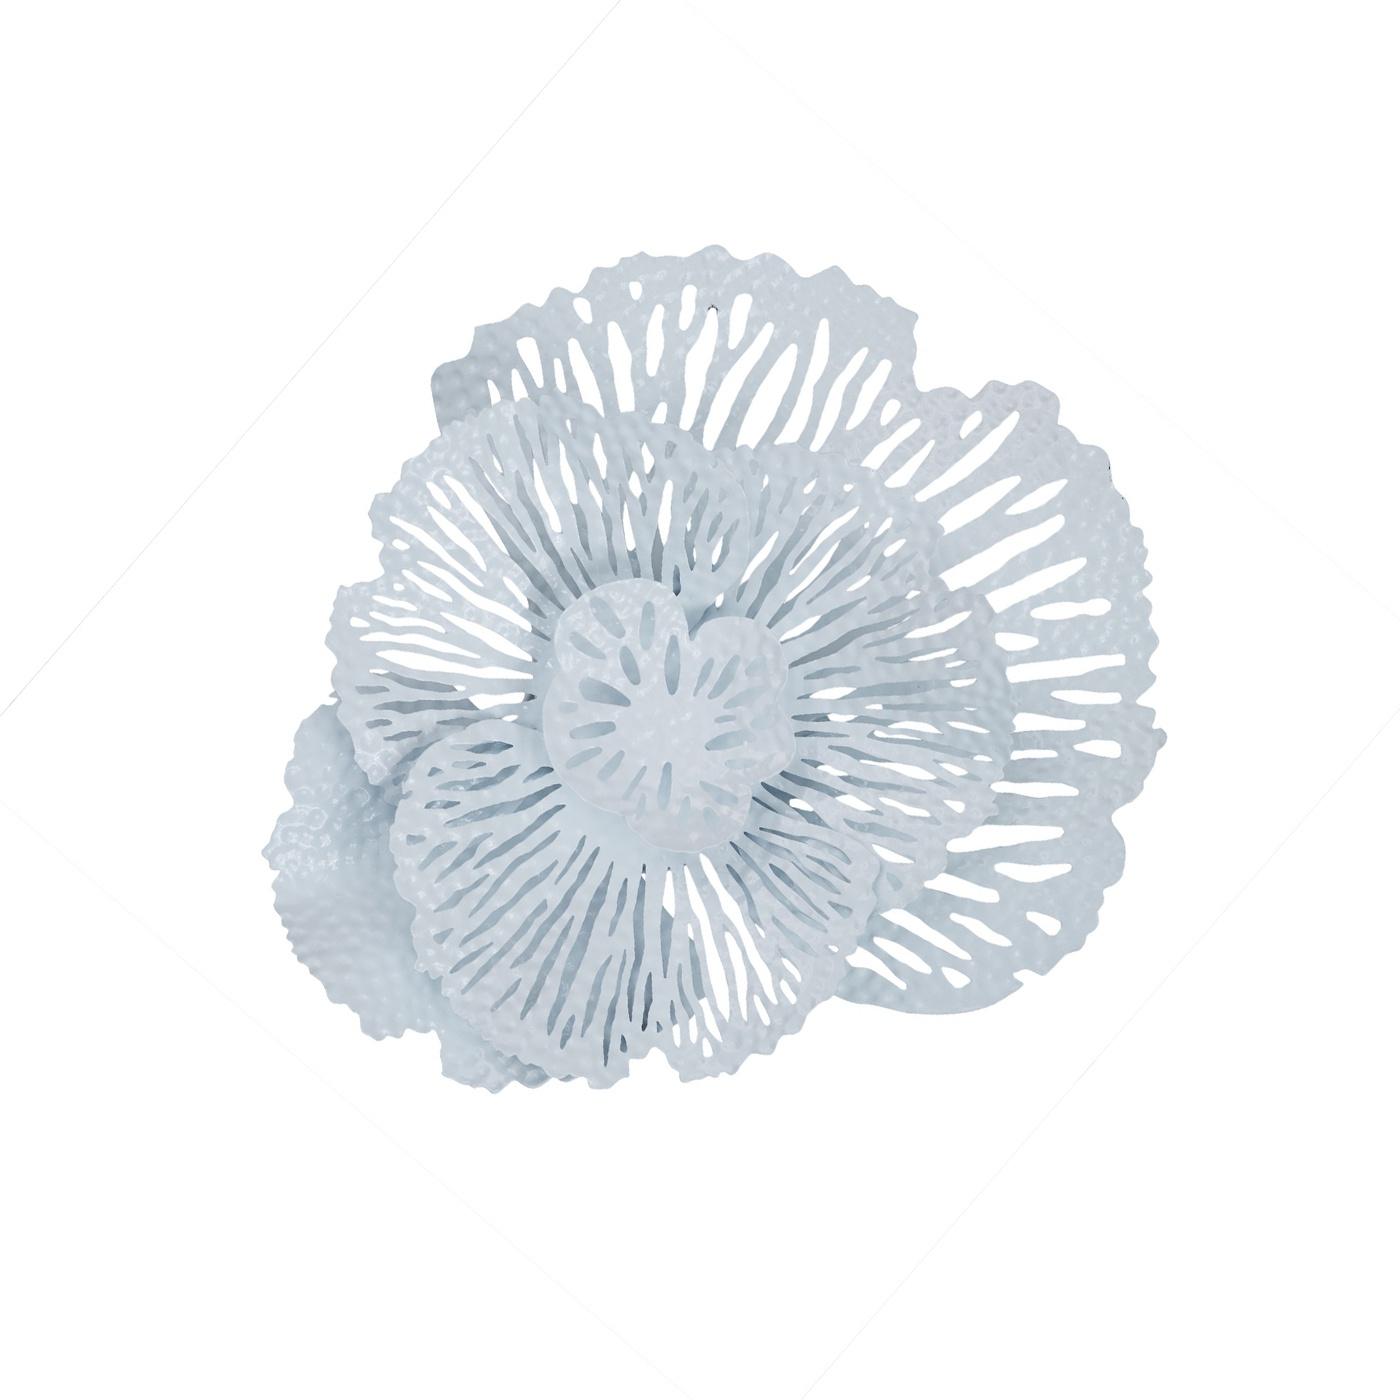 Украшение на стену WHS070604, серебристый, голубой